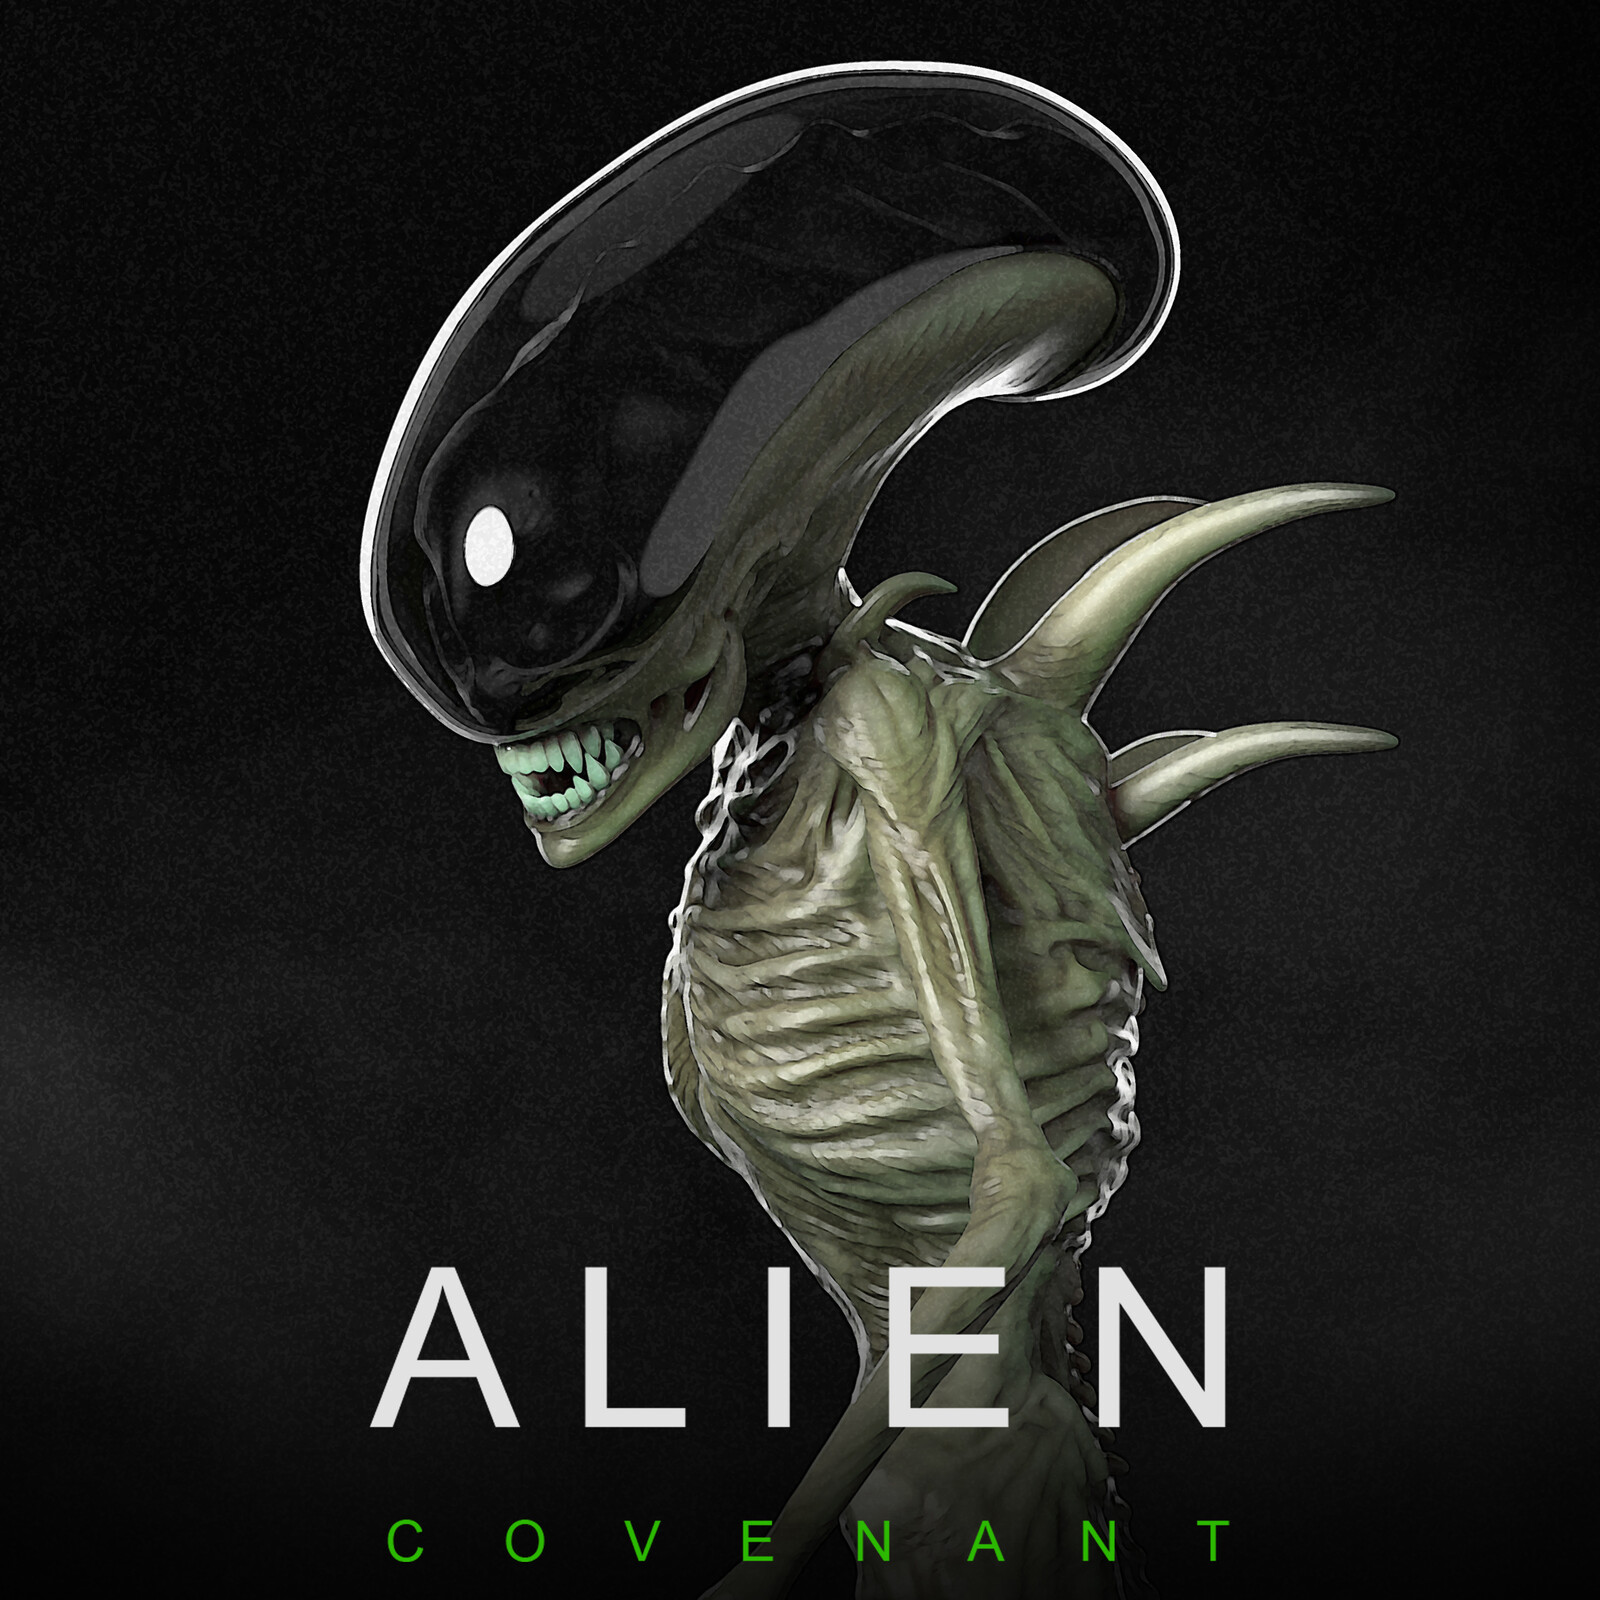 Alien Covenant - Newborn